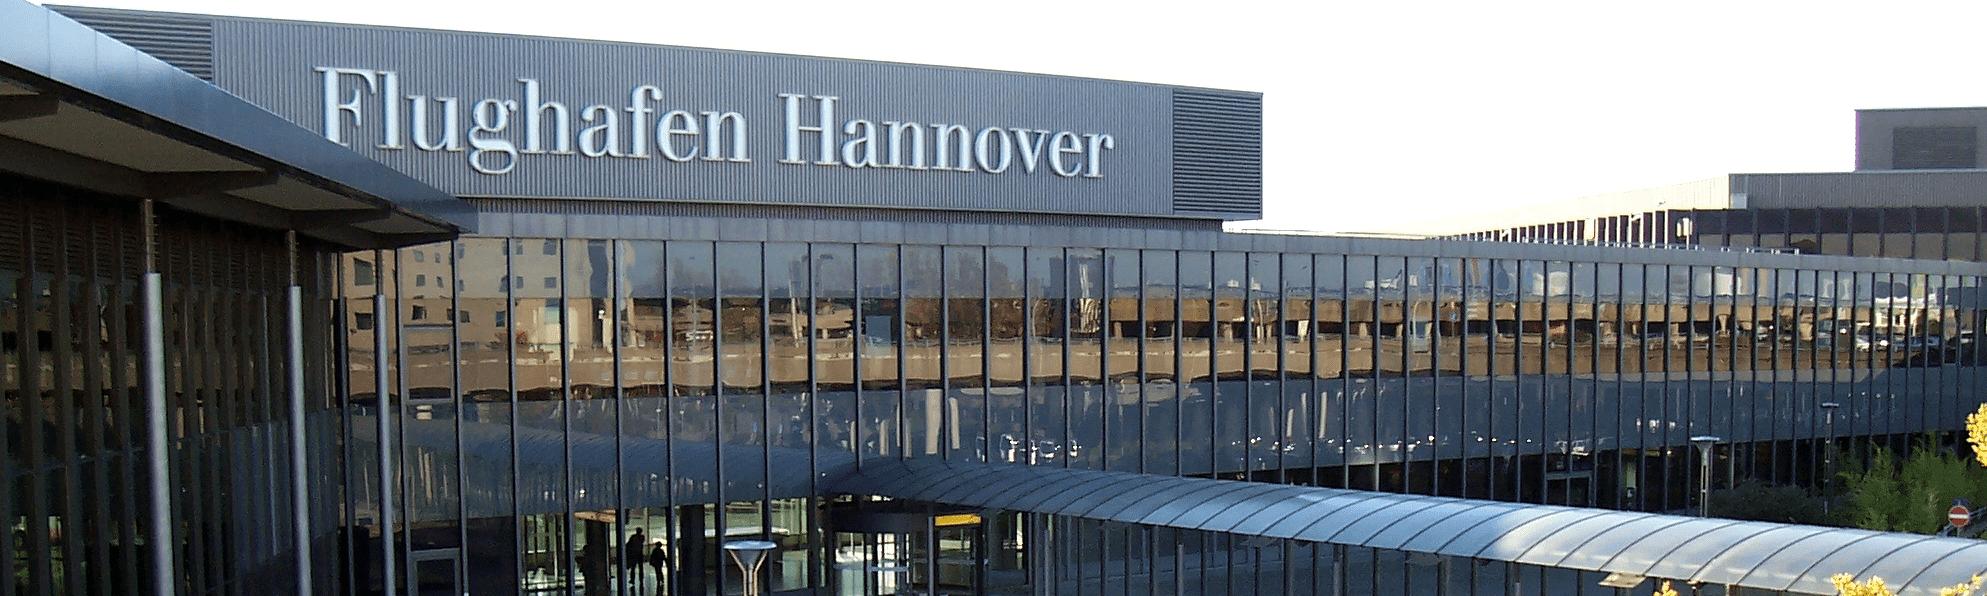 nightliner hannover